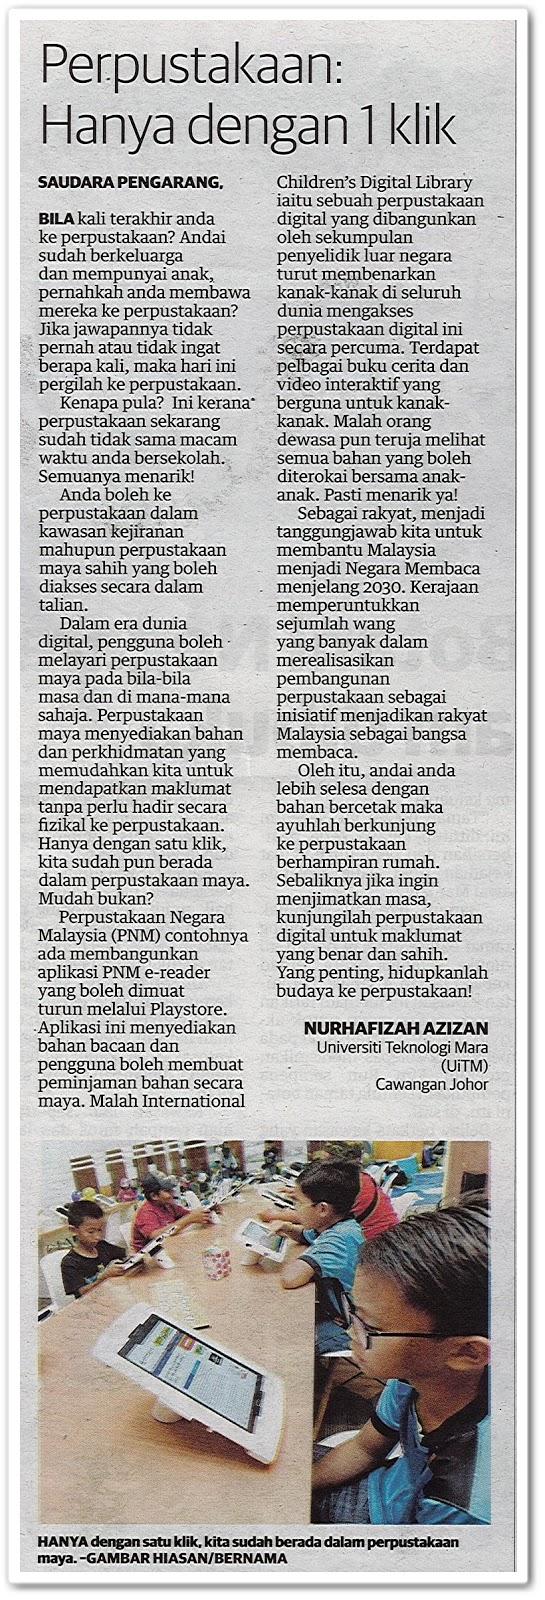 Perpustakaan : Hanya 1 klik - Keratan akhbar Utusan Malaysia 13 Julai 2019